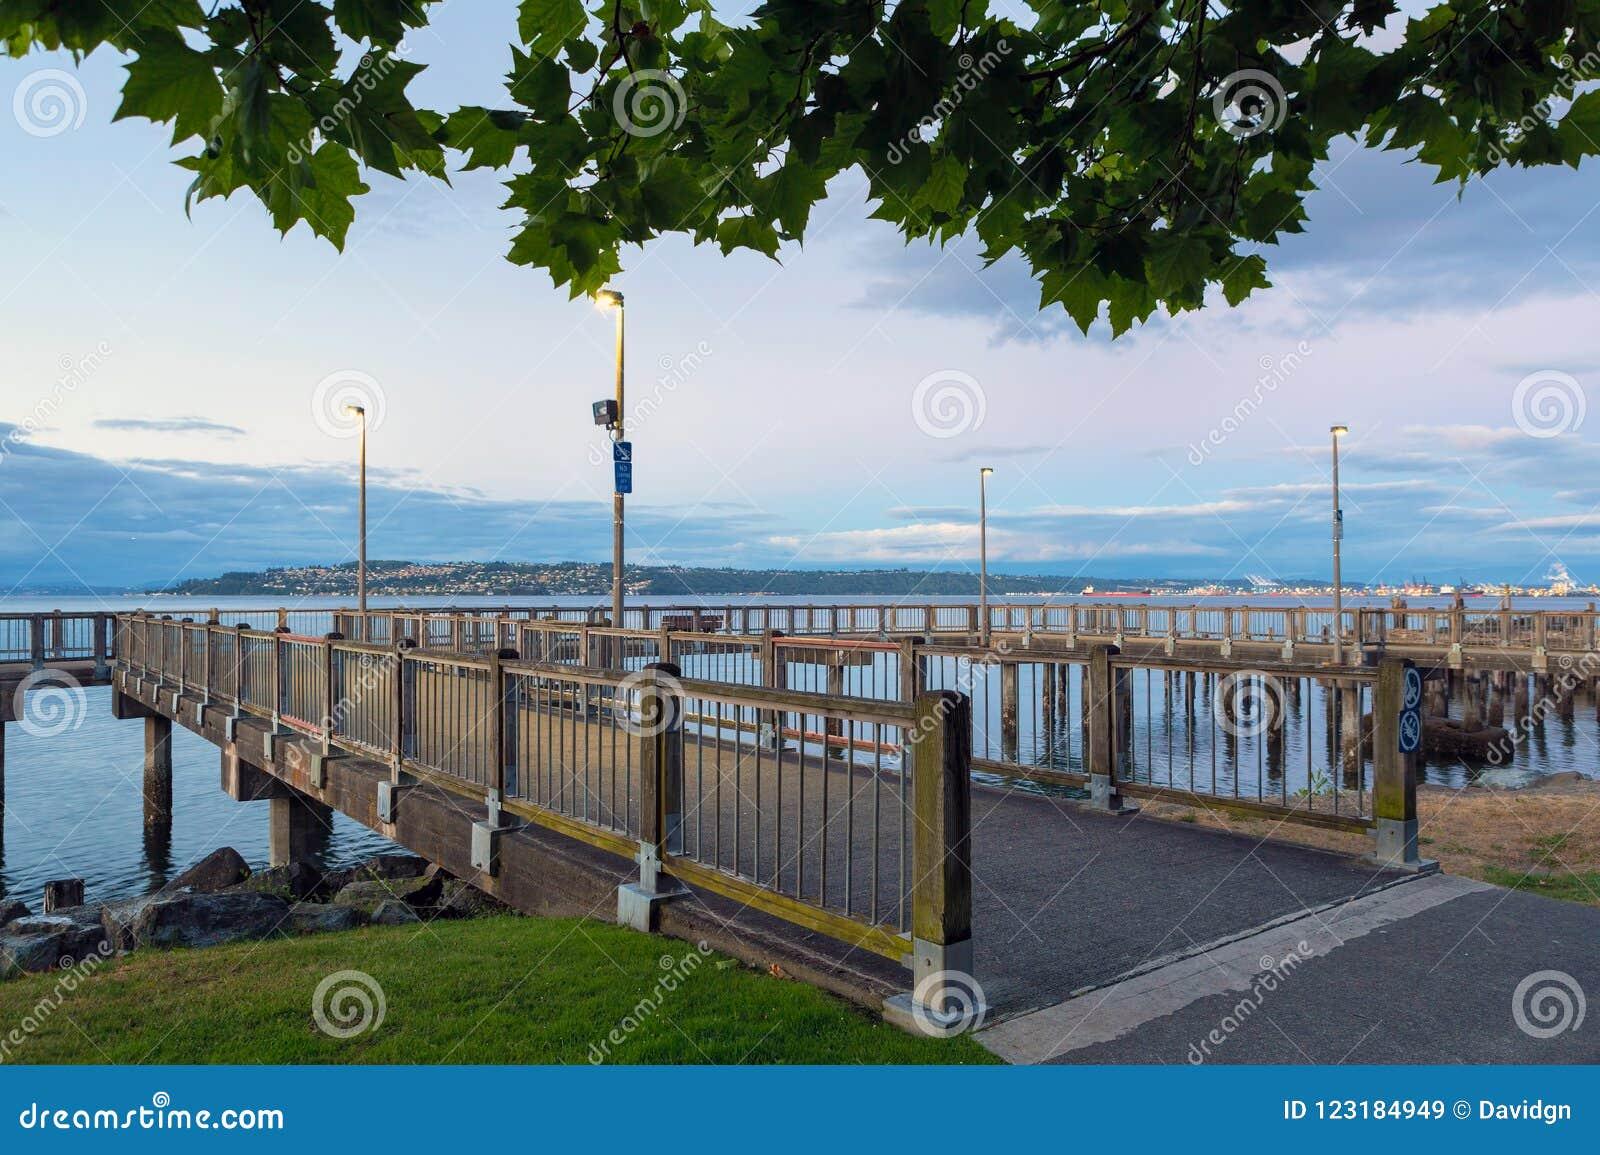 Embarcadero de la pesca a lo largo de la costa en Tacoma WA